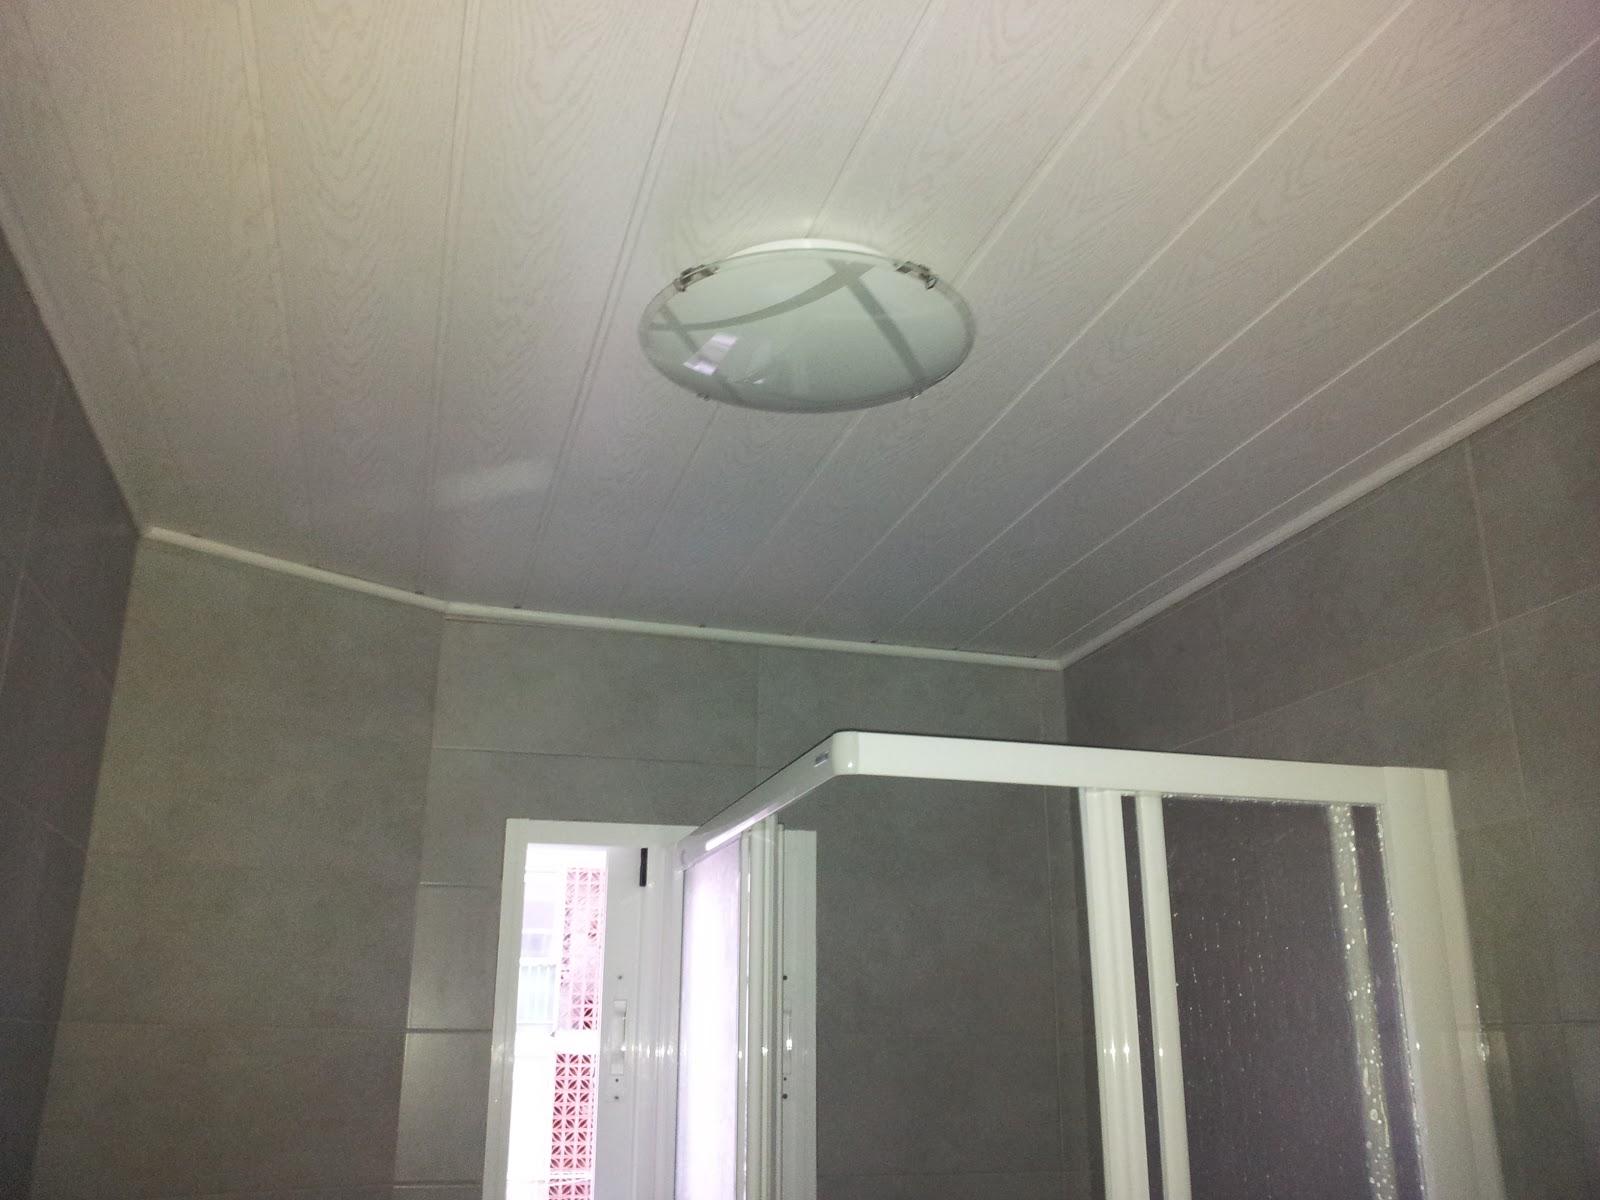 Brico friso techo - Friso en techo ...